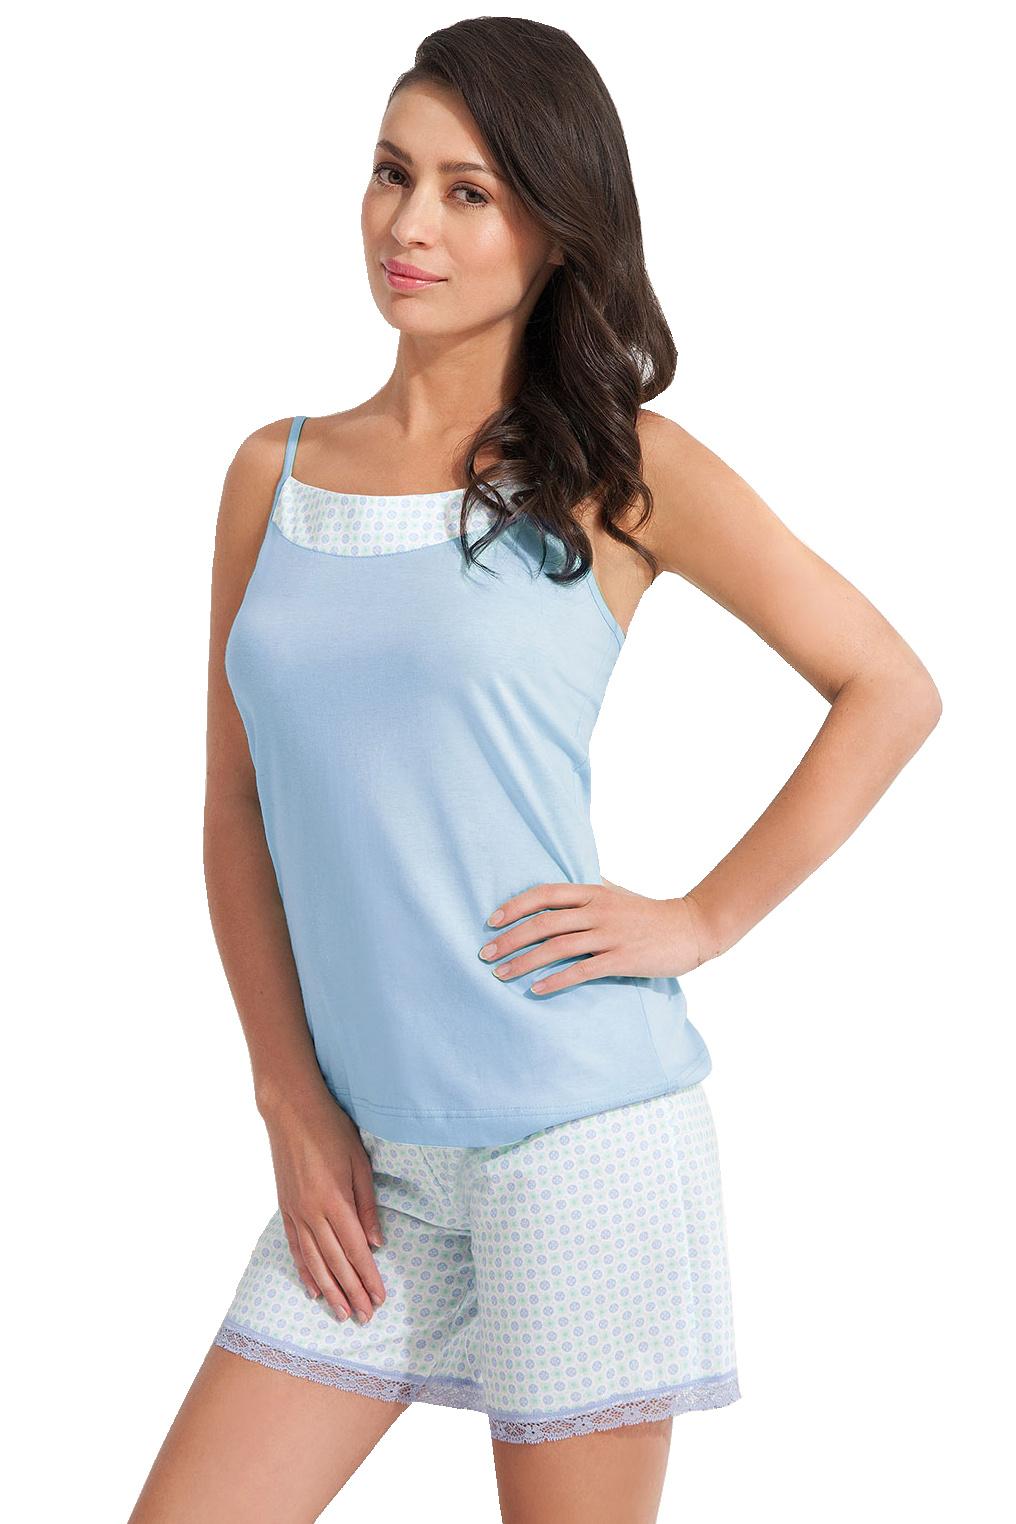 Dámské bavlněné pyžamo Oline mentolové - modrá